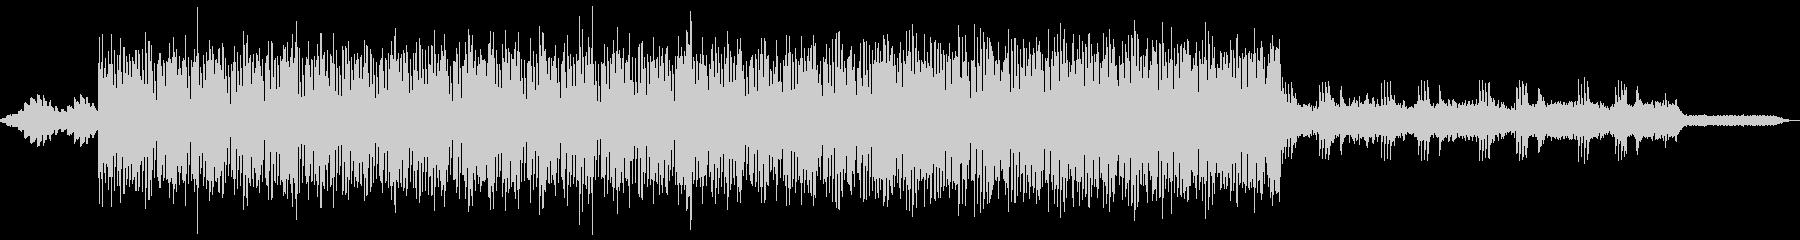 アンビエント系ピアノエレクトロの未再生の波形